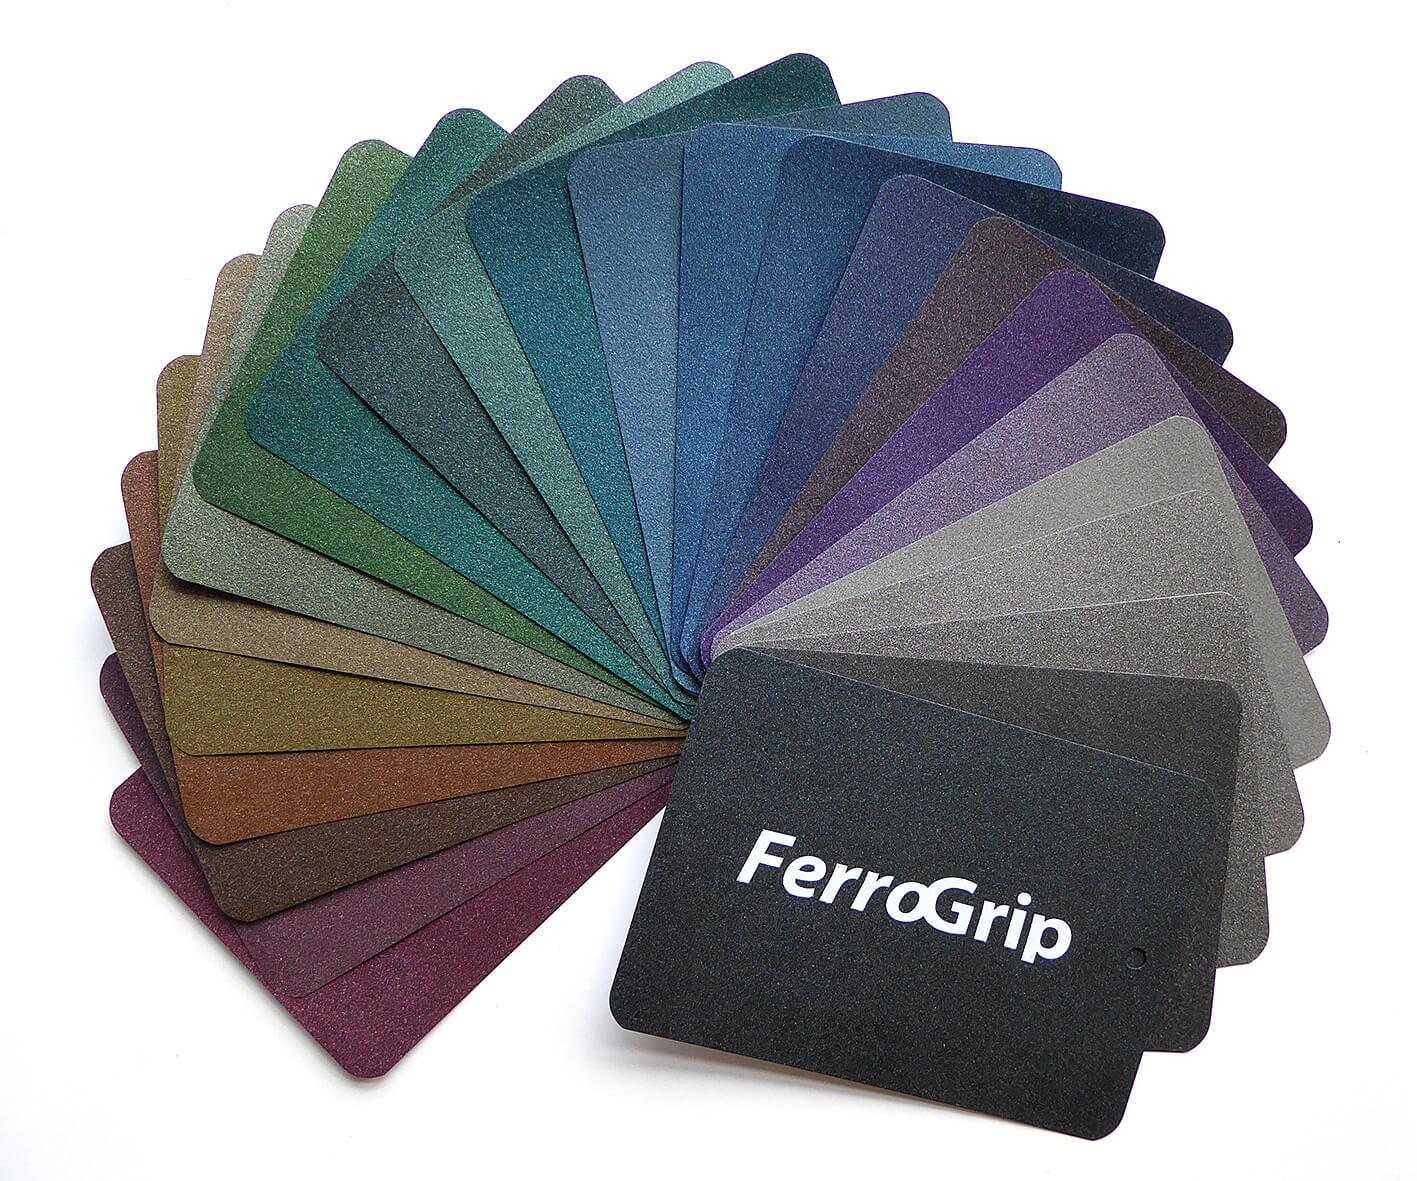 Fächer-FerroGrip